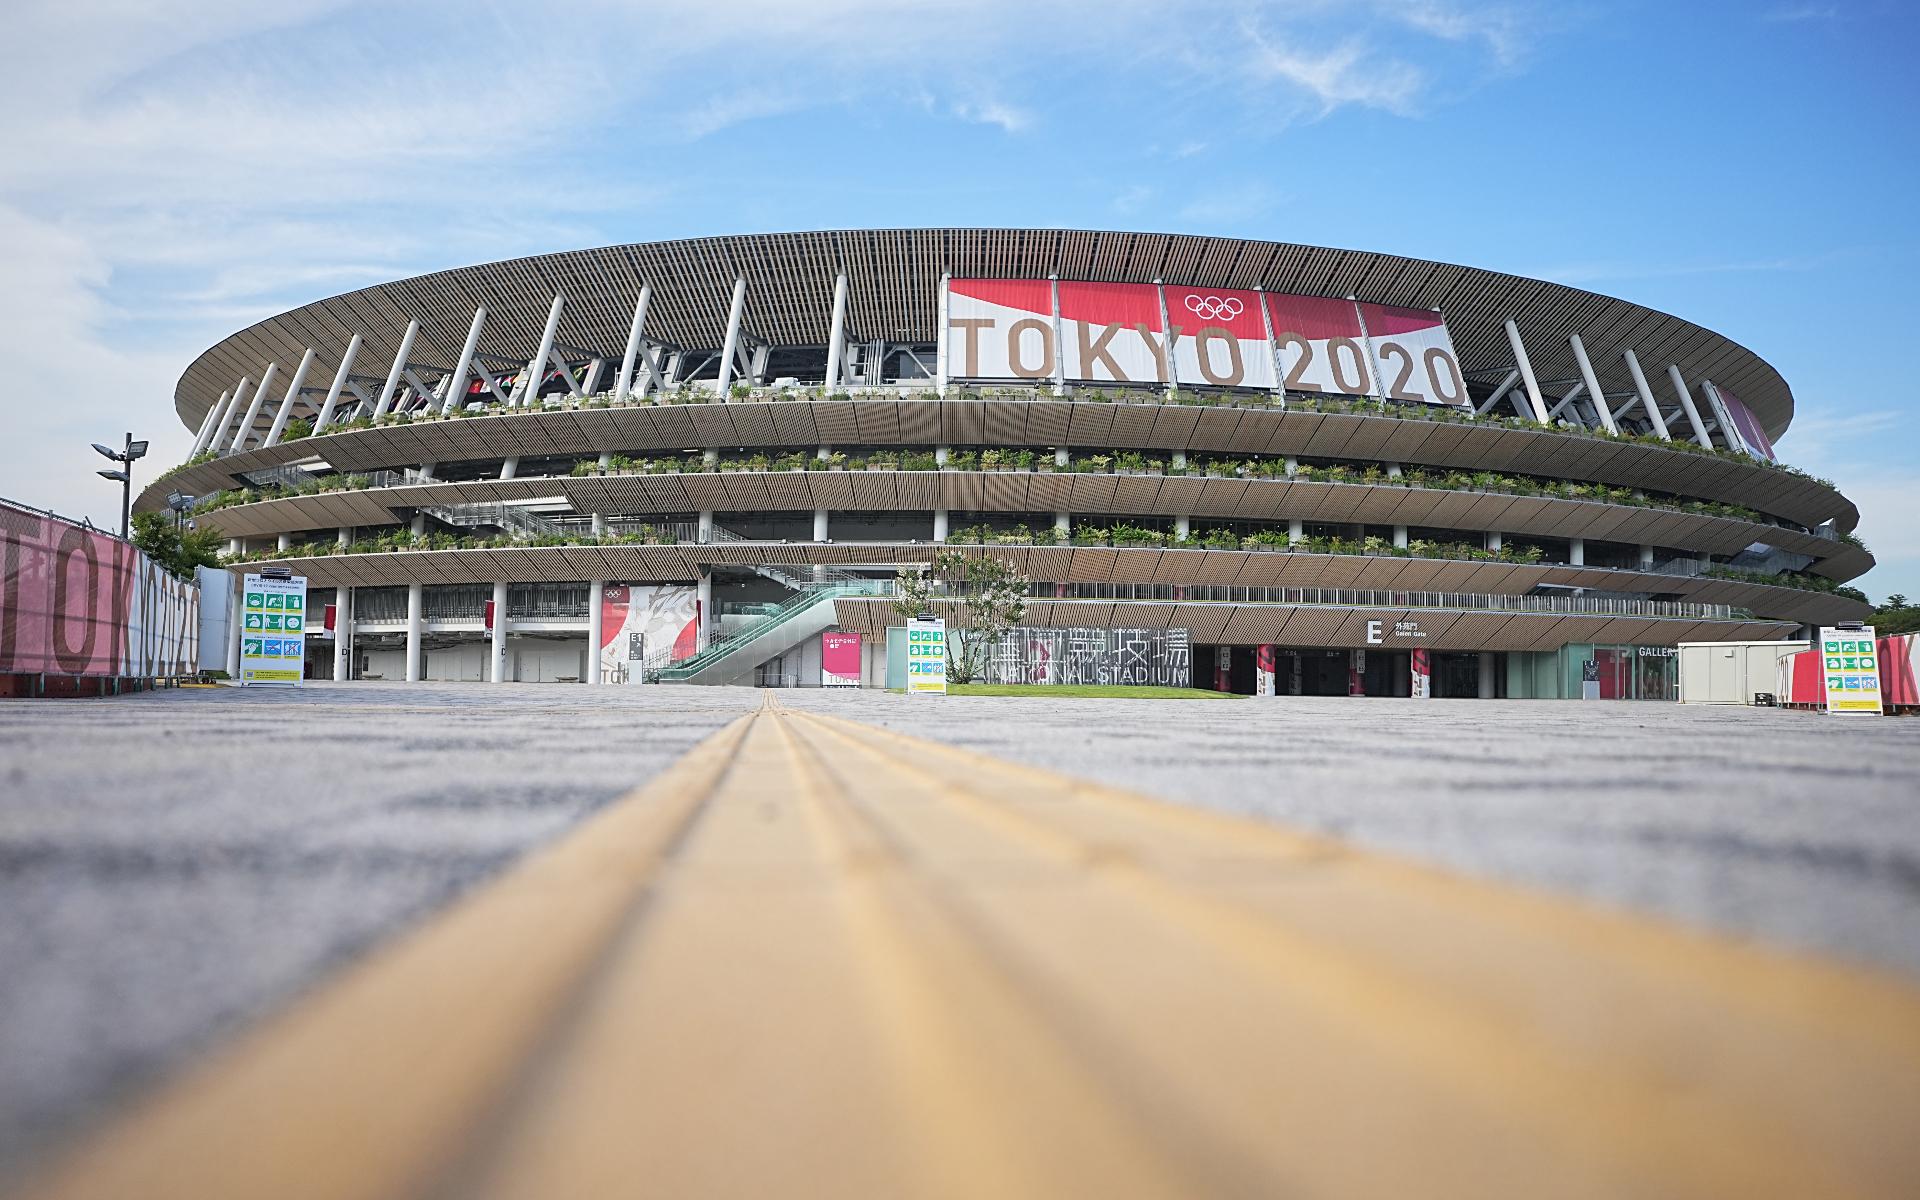 Фото: Олимпийский стадион в Токио (Michael Kappeler/dpa/picture-alliance)